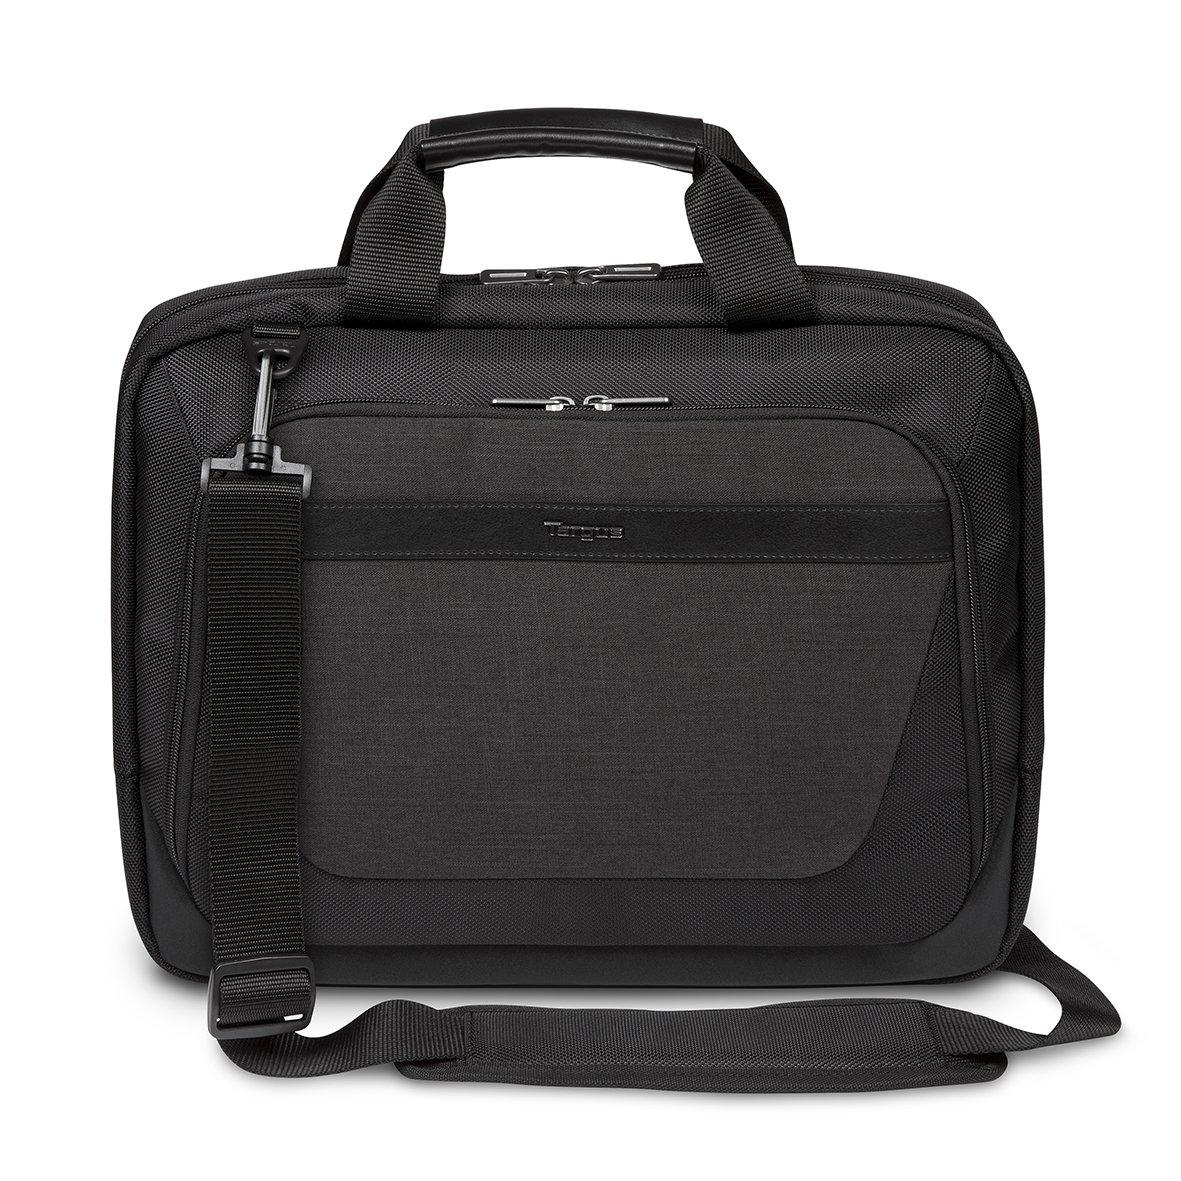 Targus CitySmart Slipcase for 16-Inch Laptops, Grey (TSS59404US)